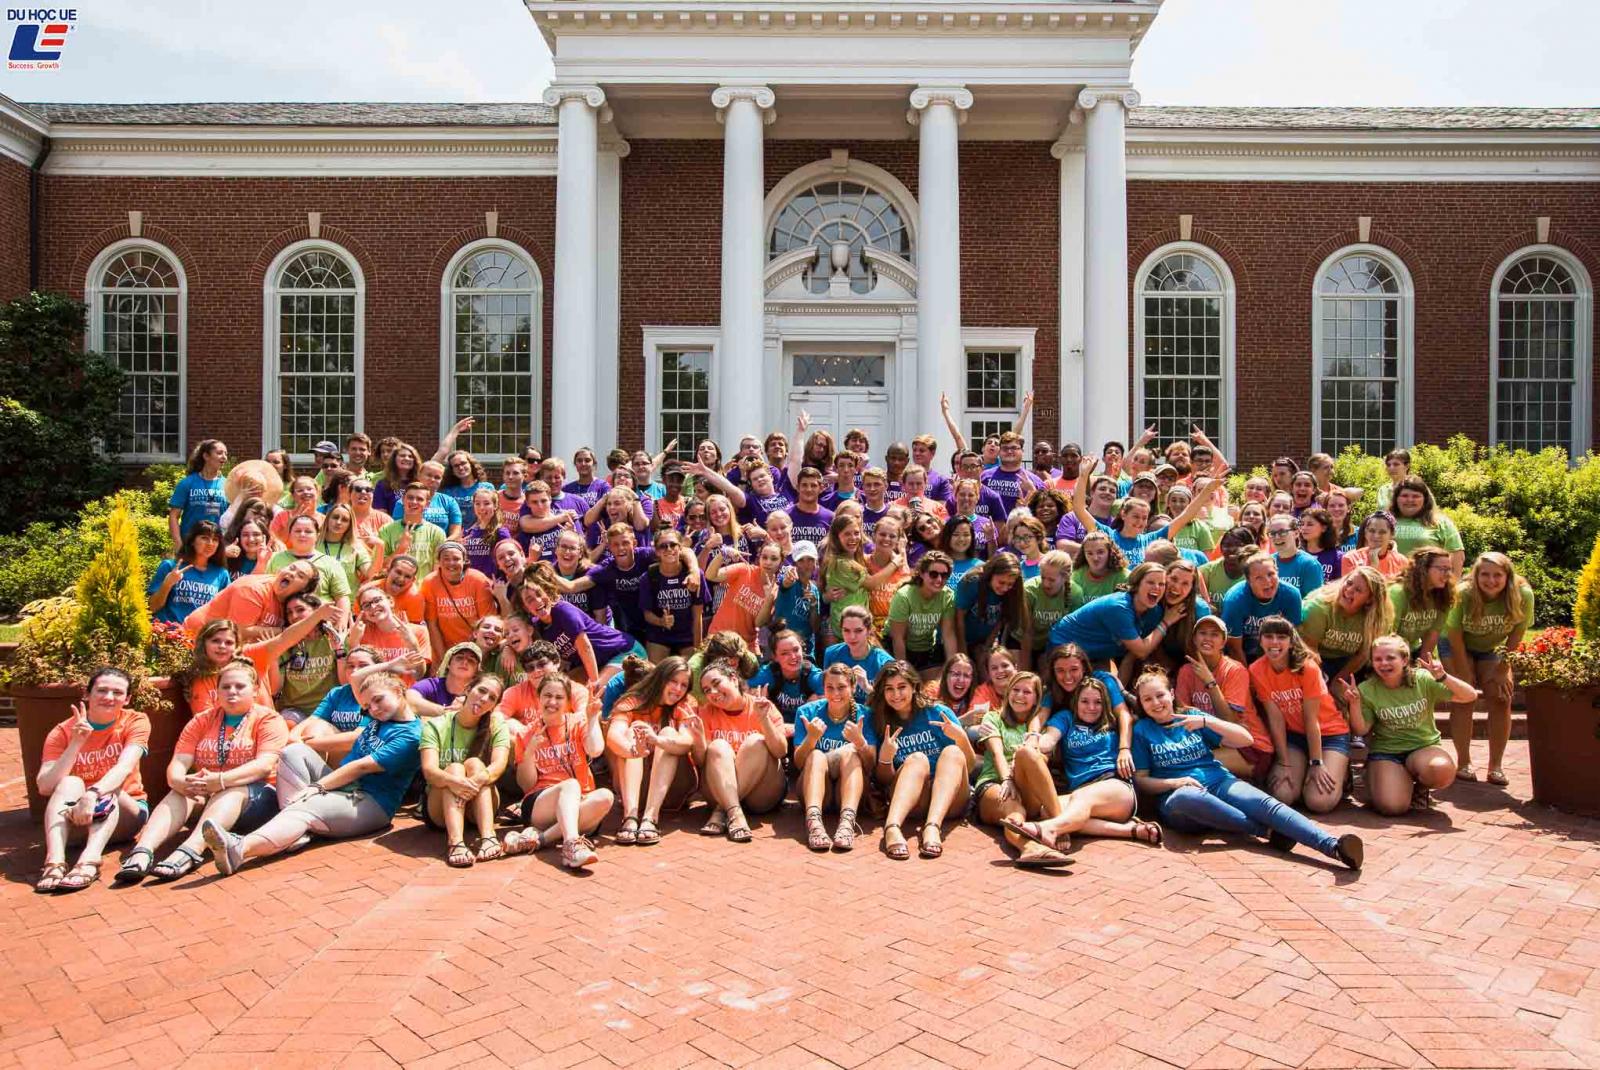 Triển lãm giáo dục Mỹ_Học bổng du học các nước, mùa thu 2019 - Longwood University 2